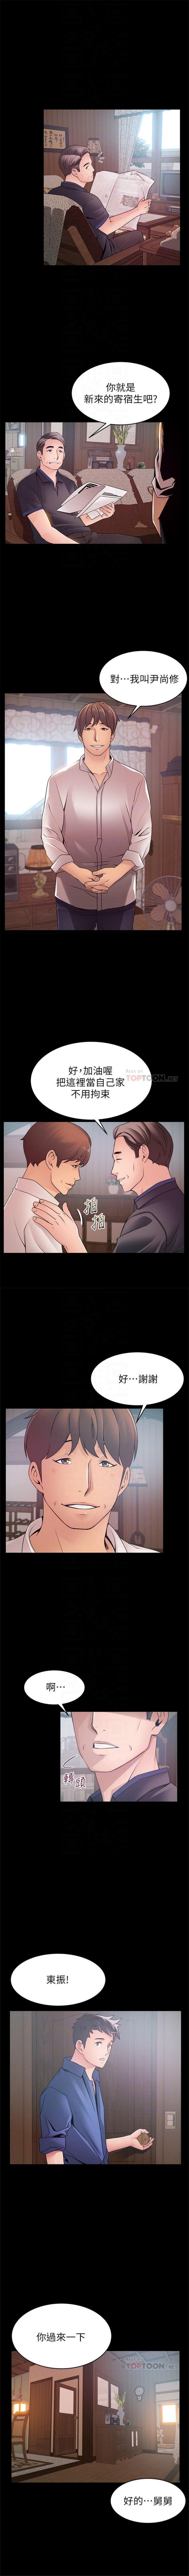 弱點 1-101 官方中文(連載中) 551